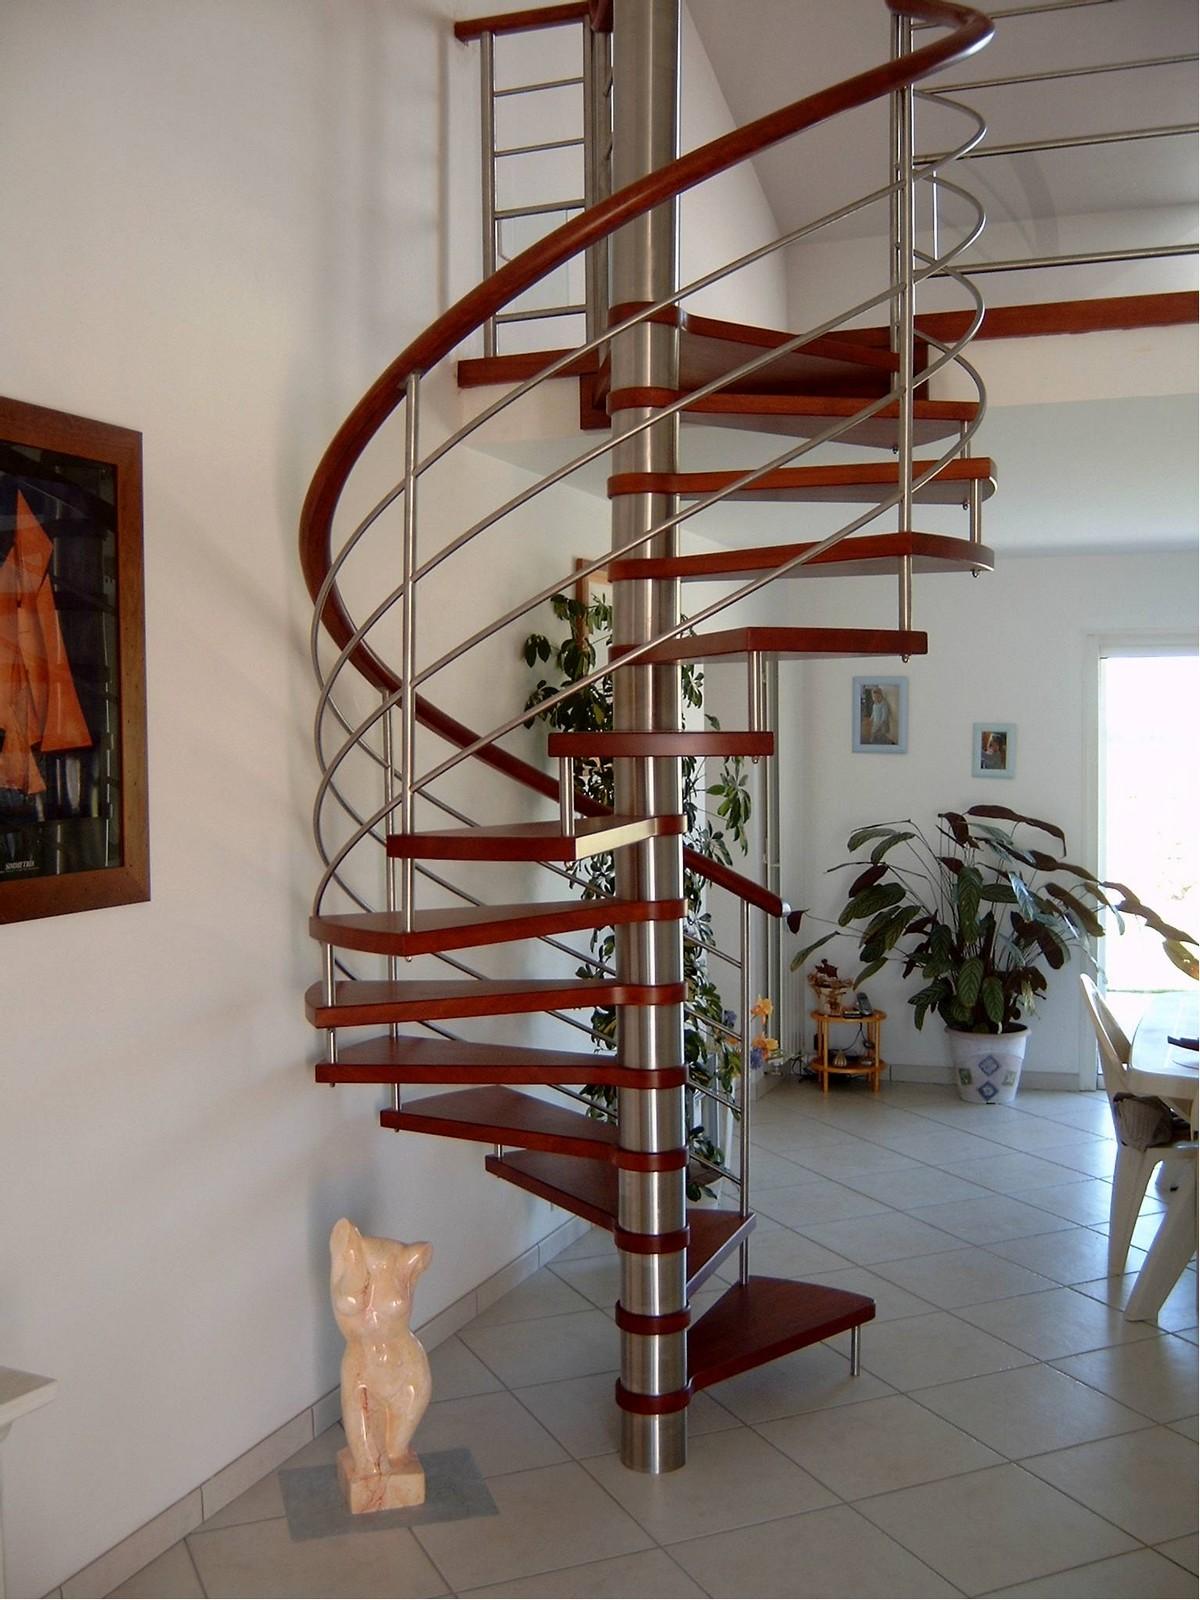 Design Les Ateliers Glotin Des Escaliers Sur Mesure Design